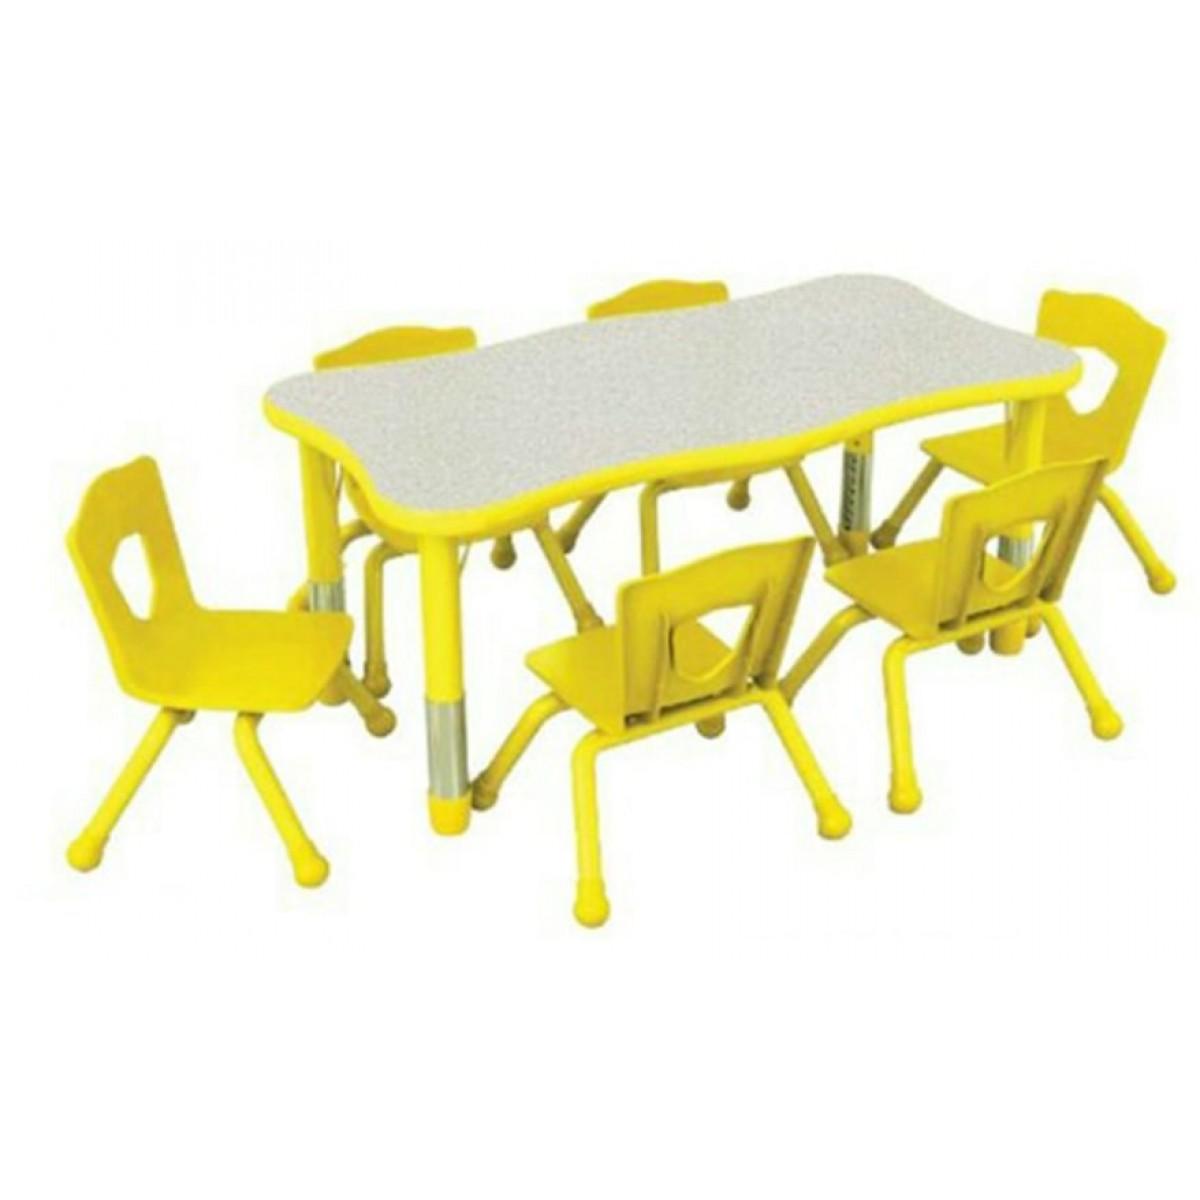 طاولة مستطيلة مموجة متعددة المستويات  120*60*56-76 سم